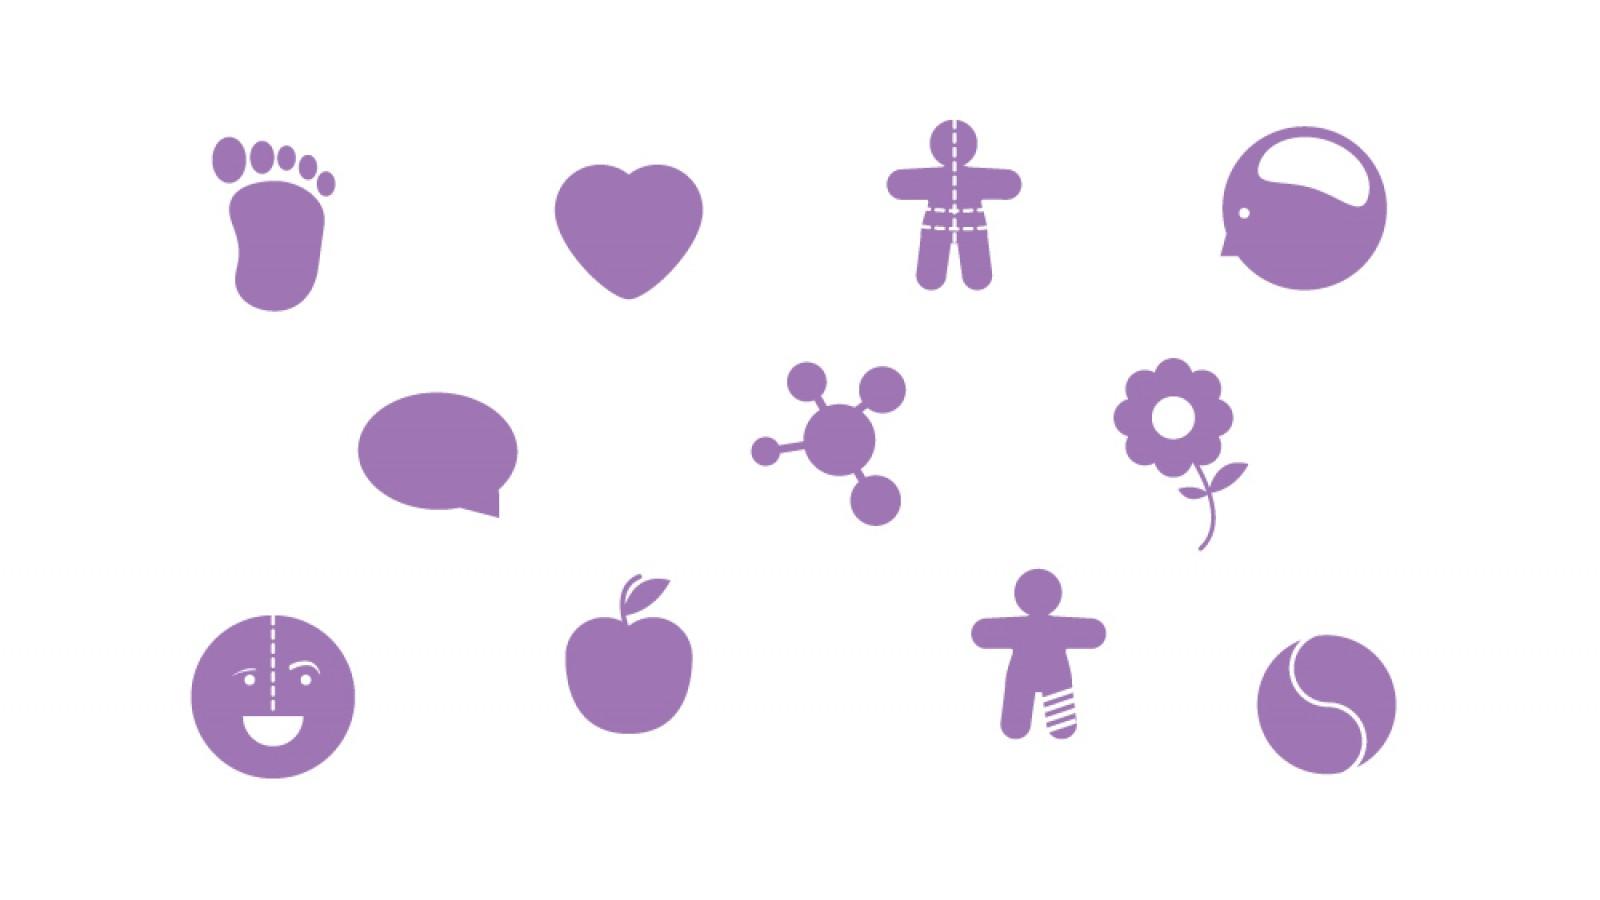 Iconografia - Clinica salubre